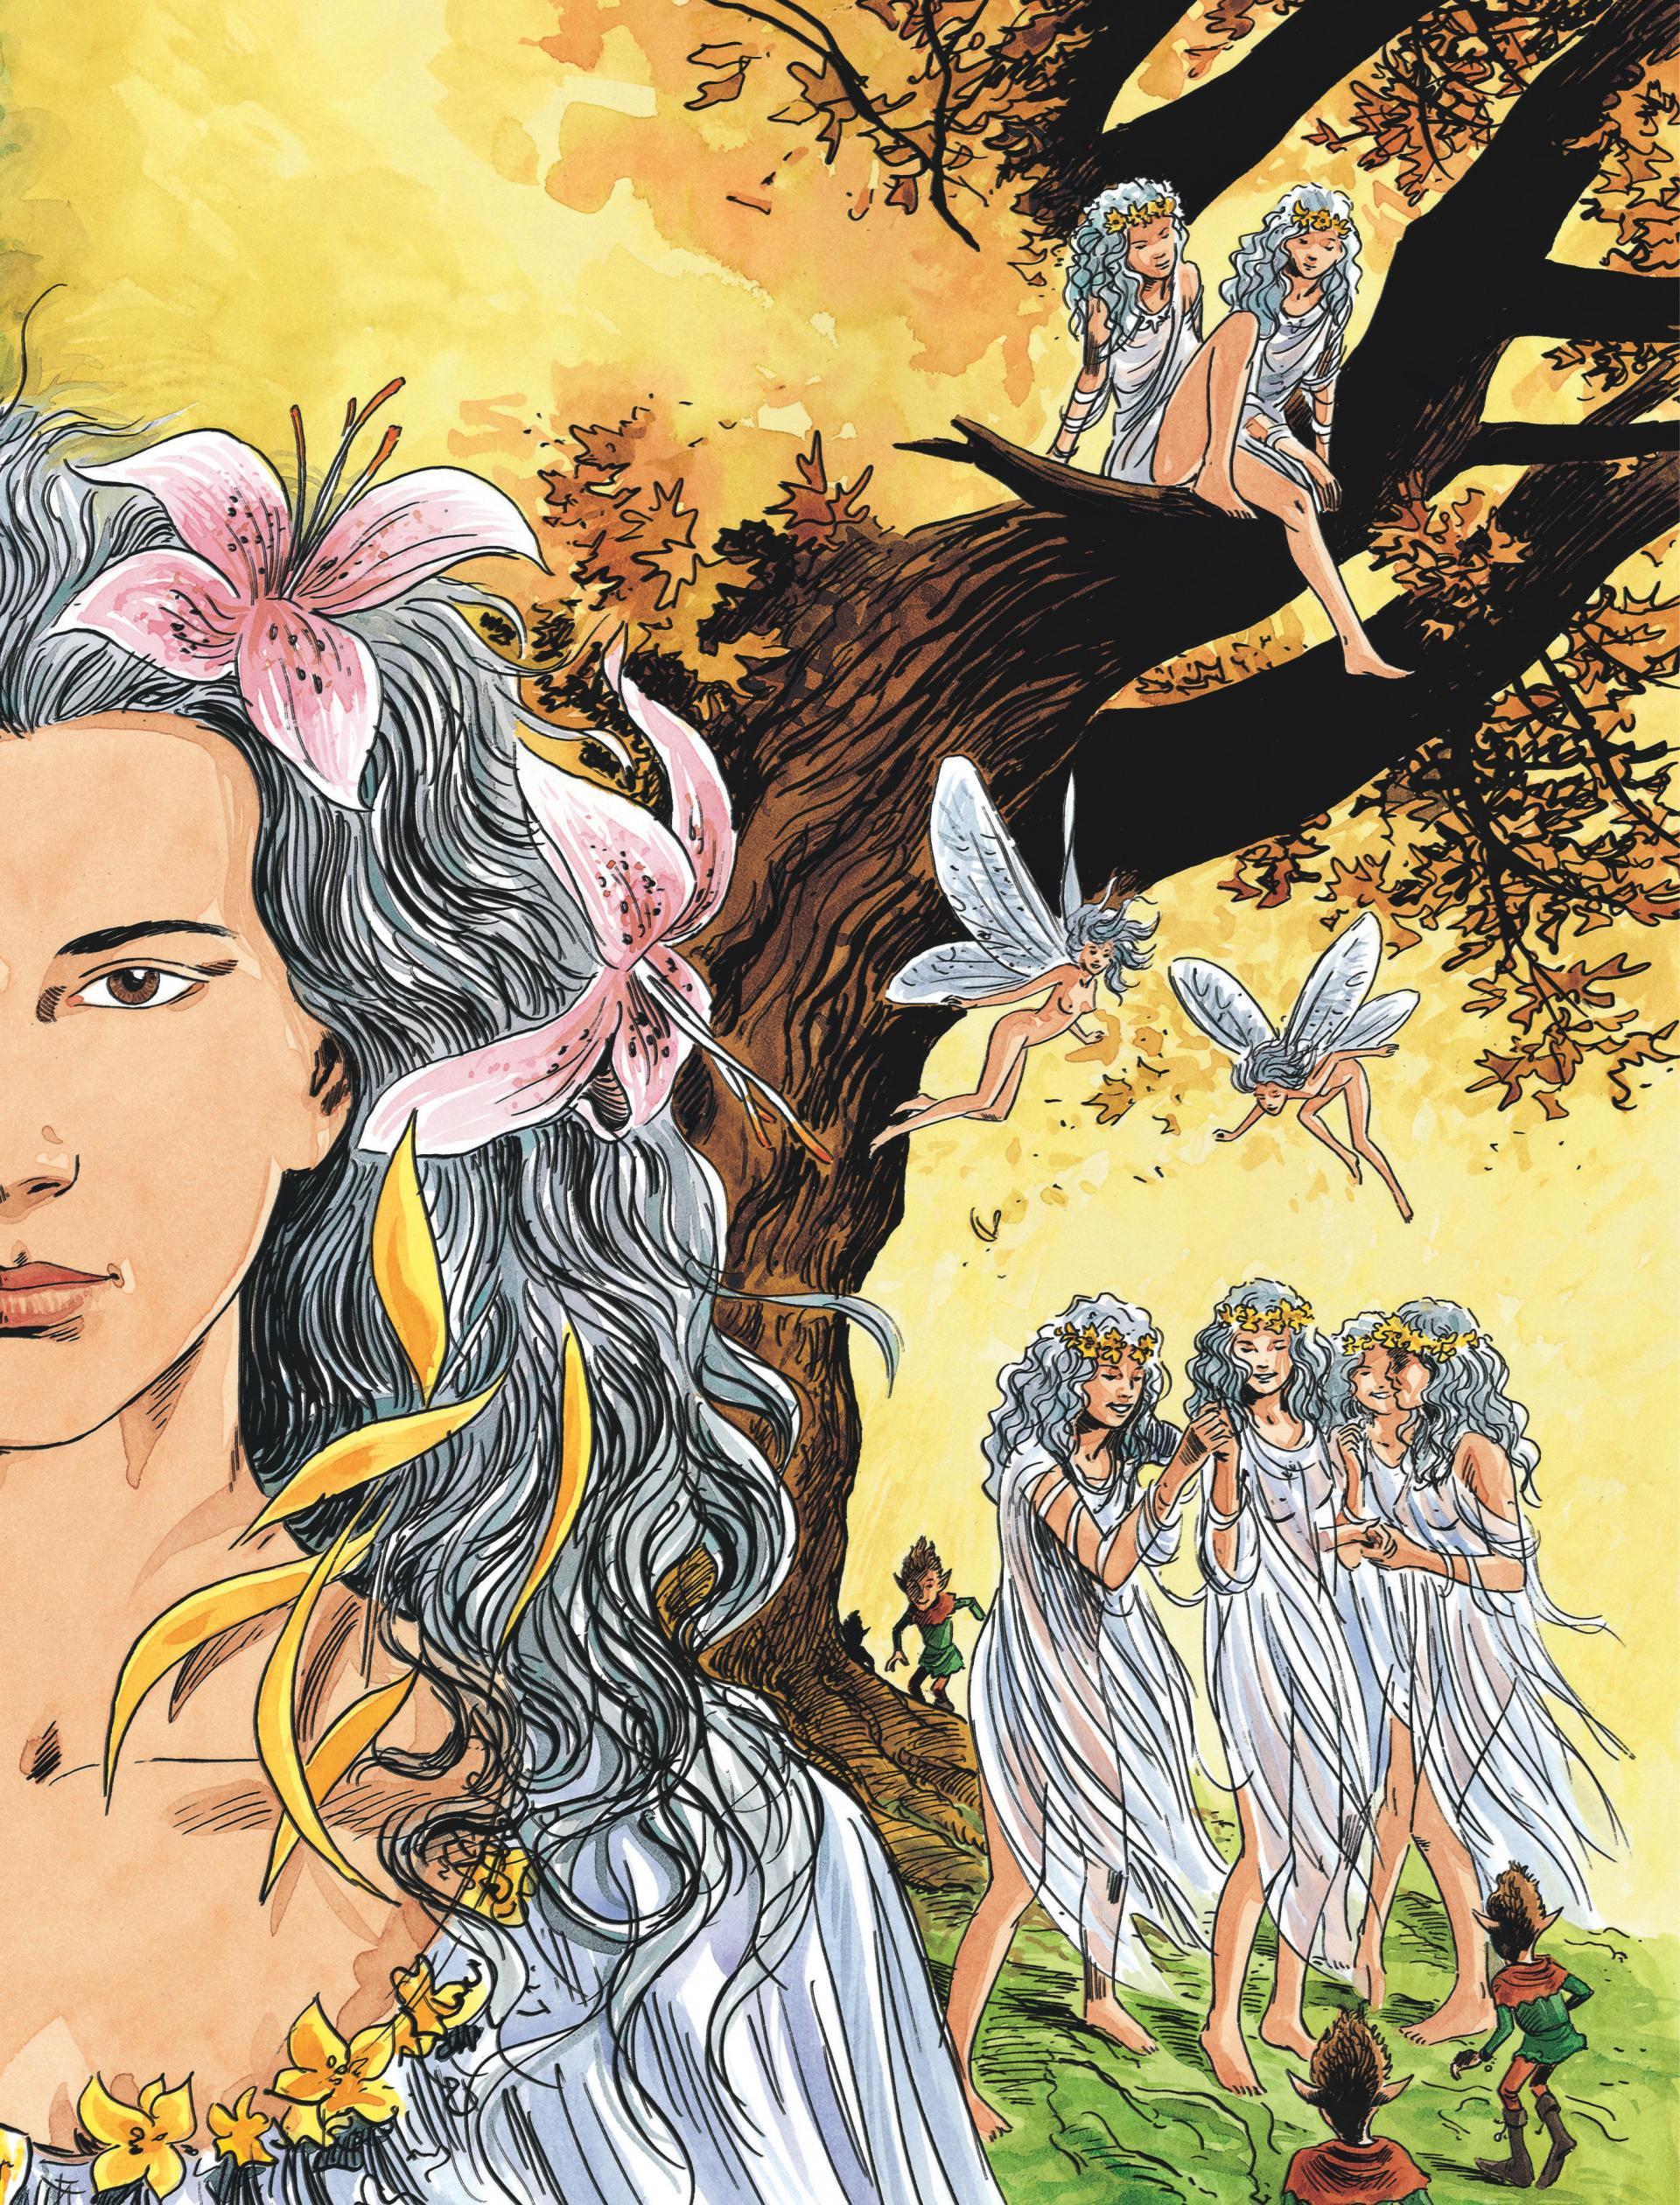 Intégrale déesse blanche, déesse noire